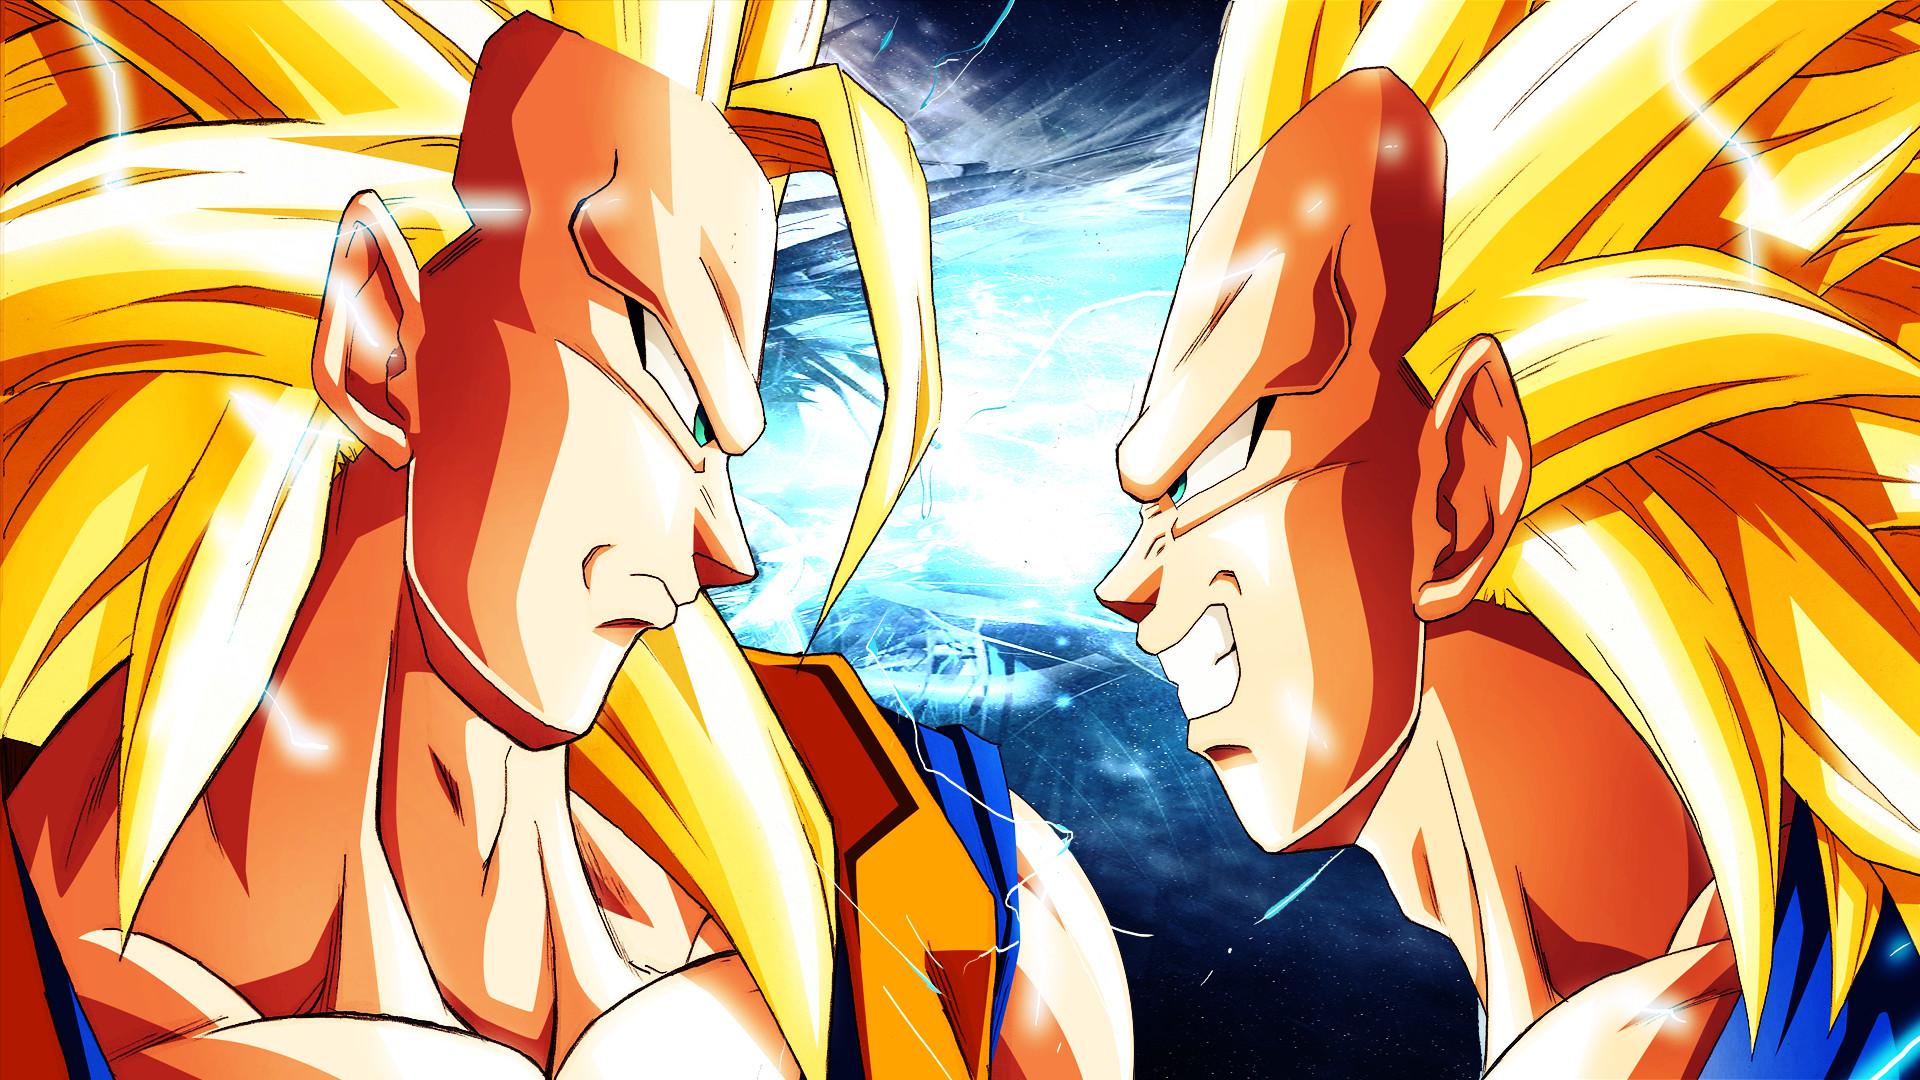 Dragon Ball Z Wallpaper Super Saiyans: Goku Super Saiyan 3 Wallpapers ·① WallpaperTag